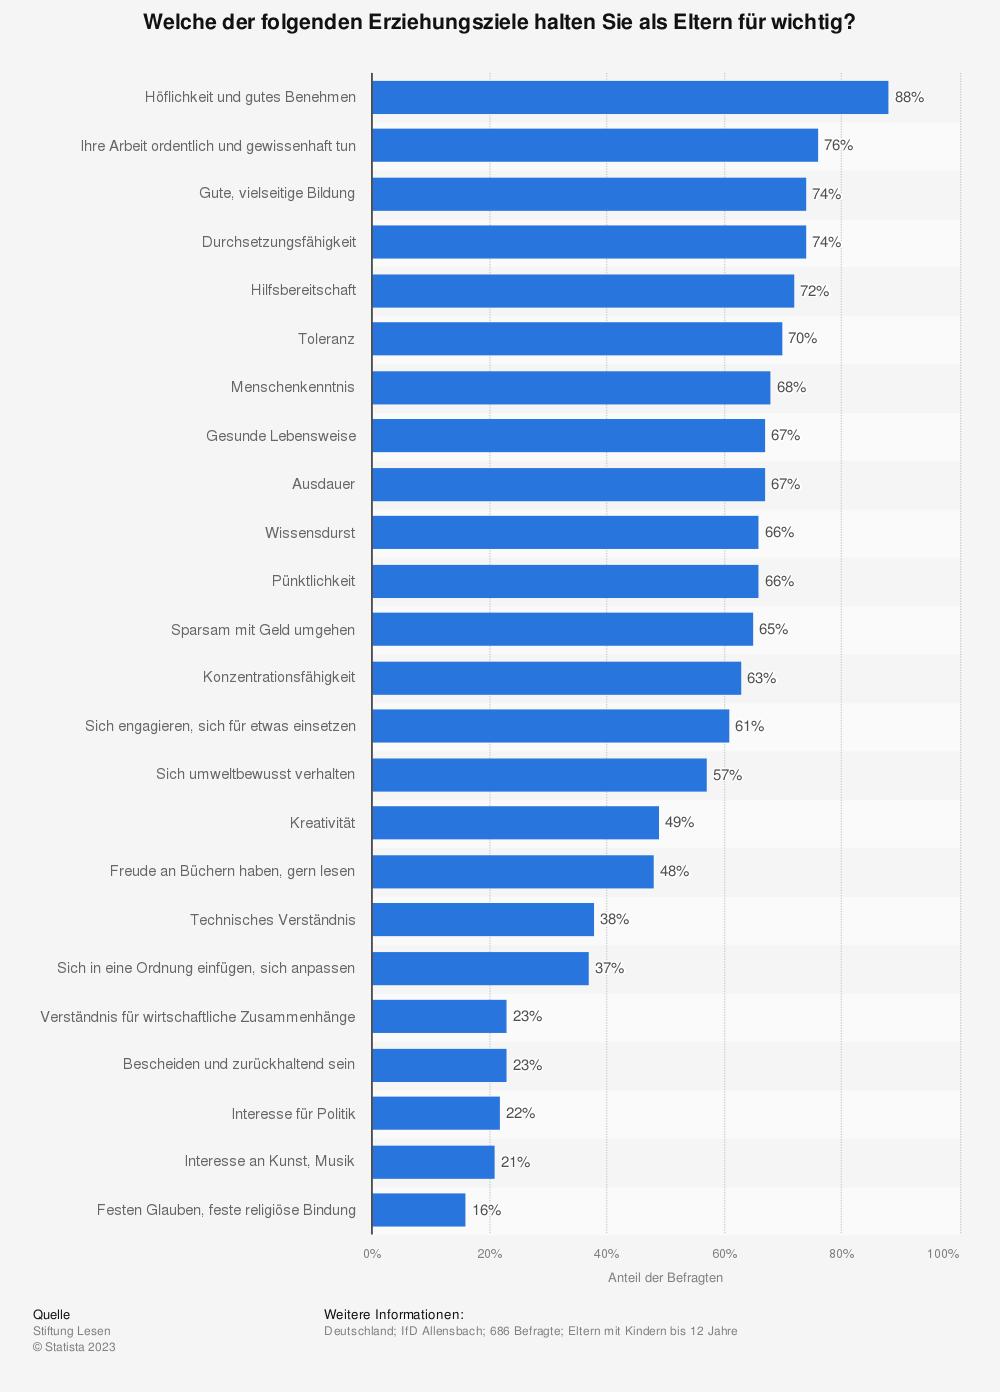 Statistik: Welche der folgenden Erziehungsziele halten Sie als Eltern für wichtig? | Statista